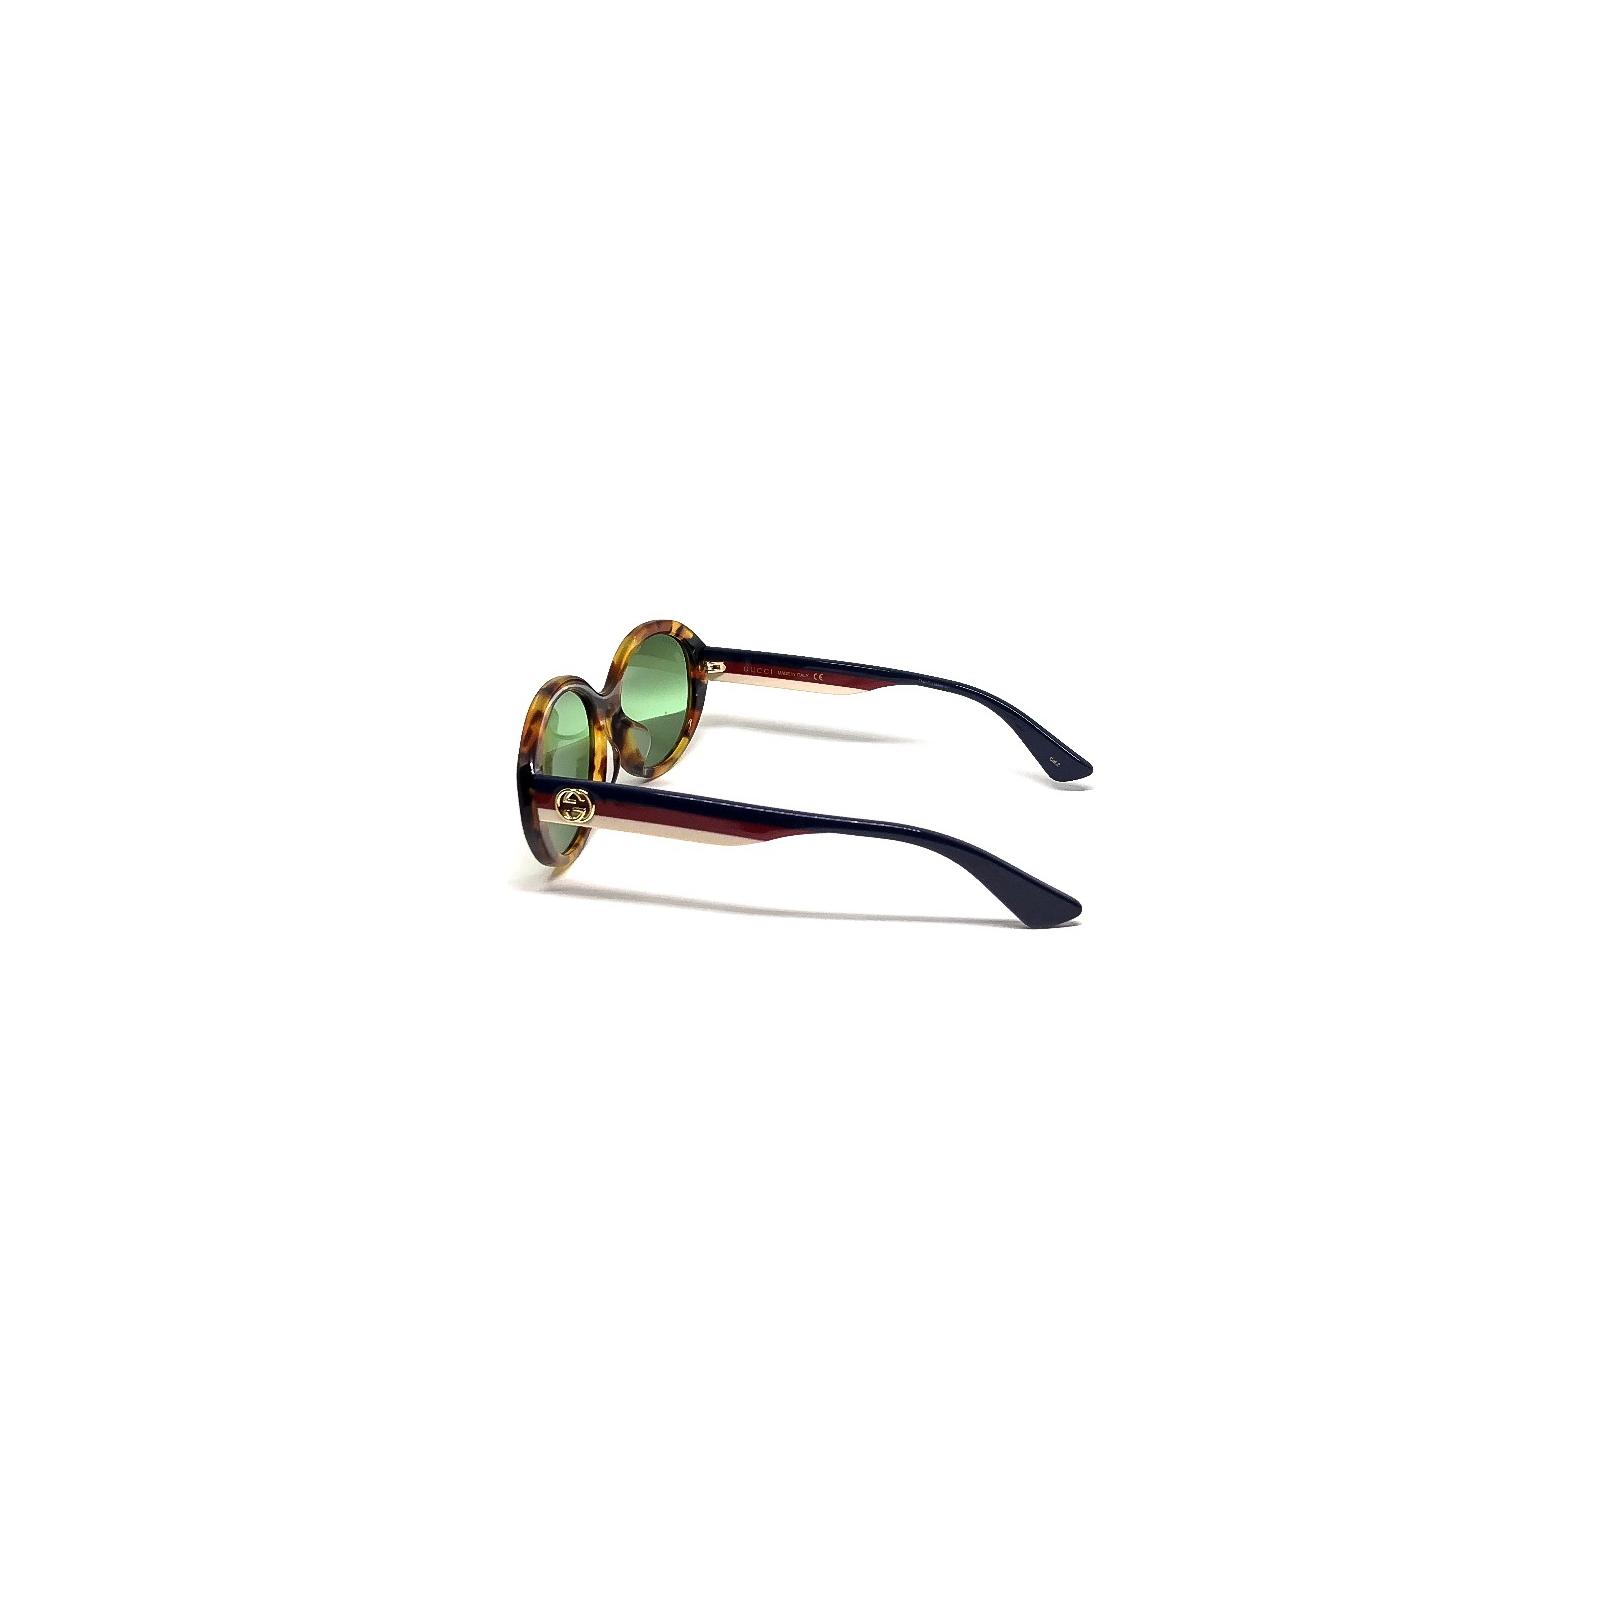 Gucci okulary przeciwsłoneczne GG 0279SA 003 nowe